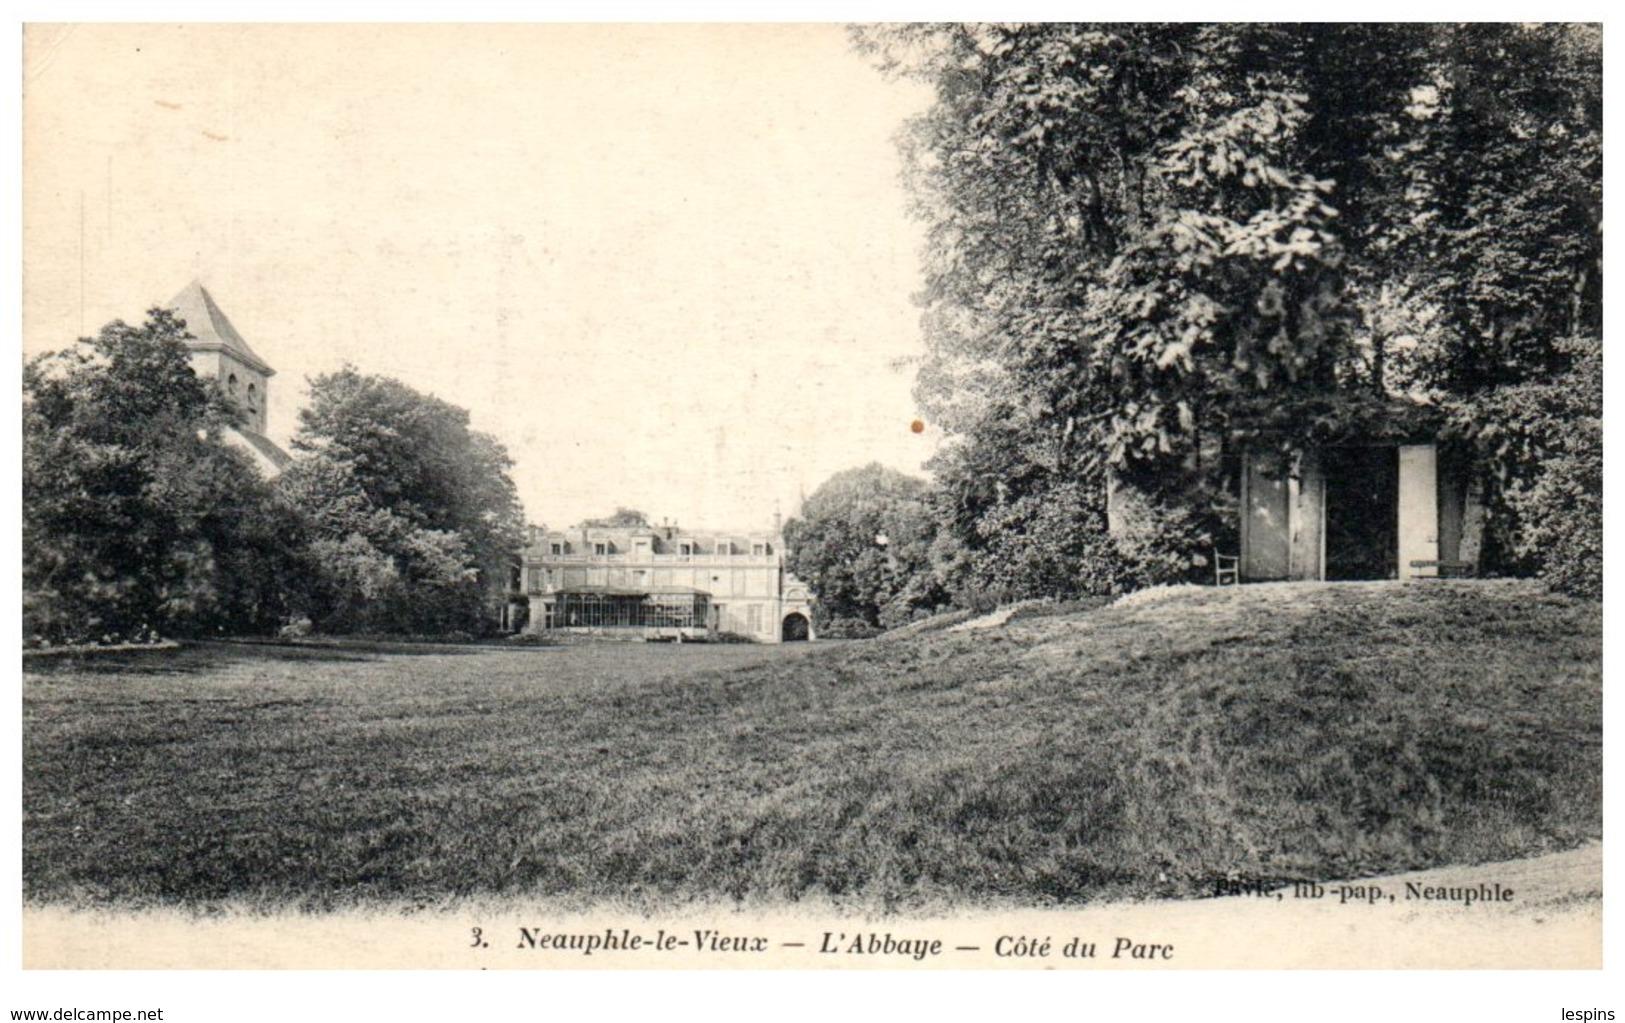 78 - NEAUPHLE Le VIEUX -- L'Abbaye - Côté Du Parc - Other Municipalities